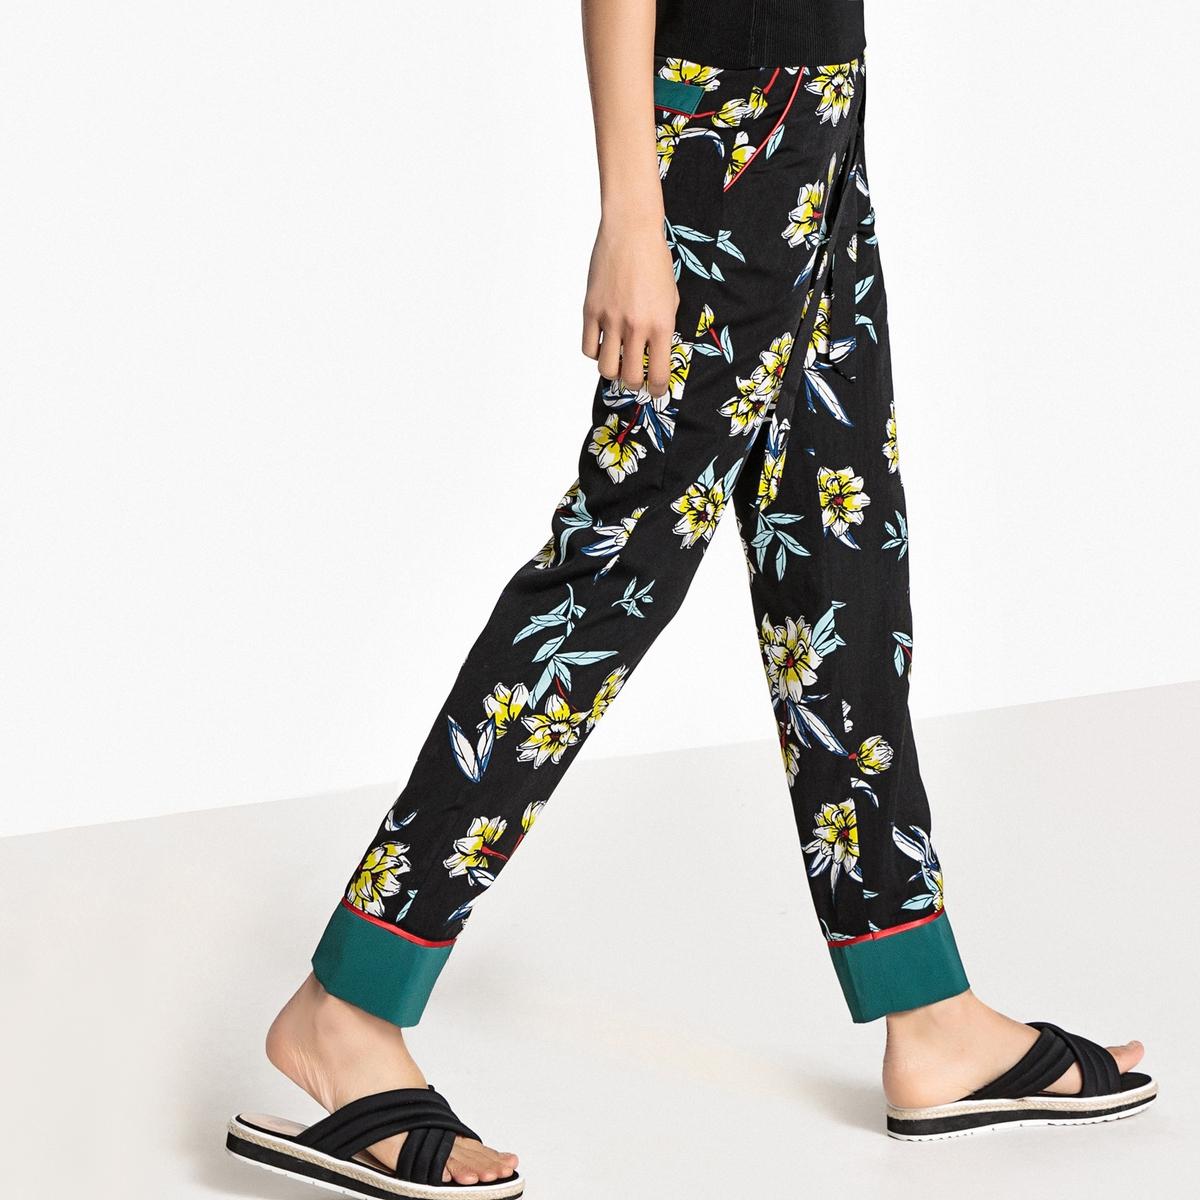 Pantalón vaporoso estilo pijama